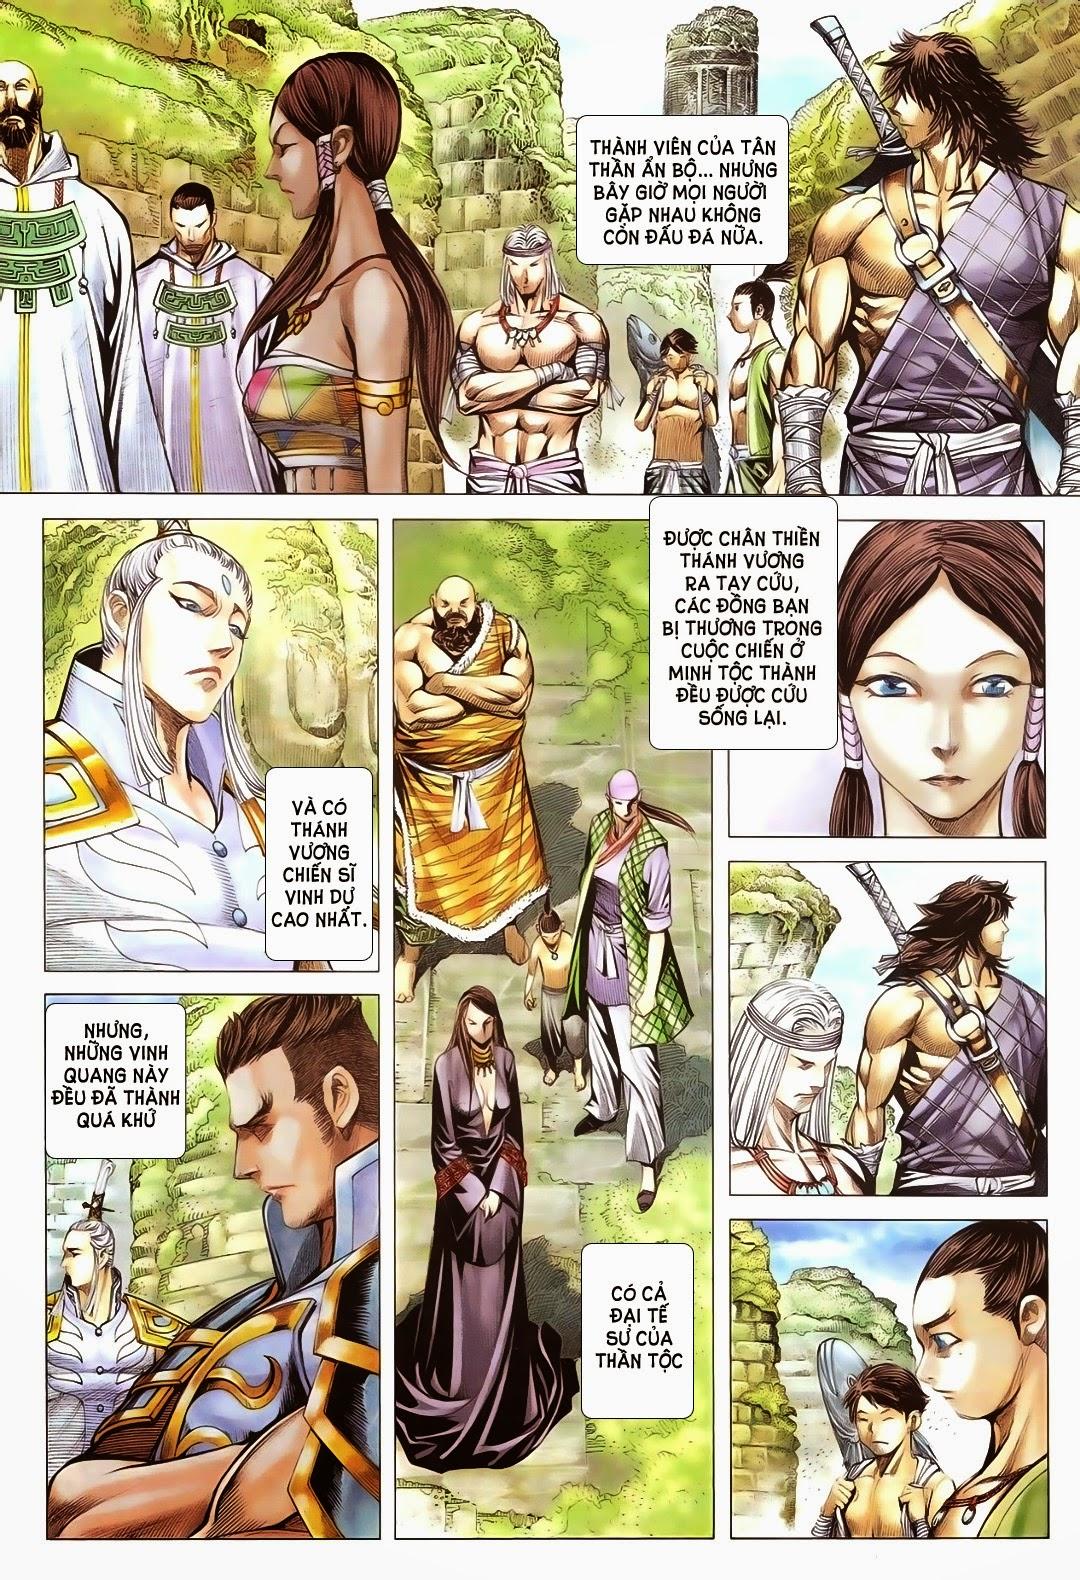 Phong Thần Ký chap 181 - Trang 12